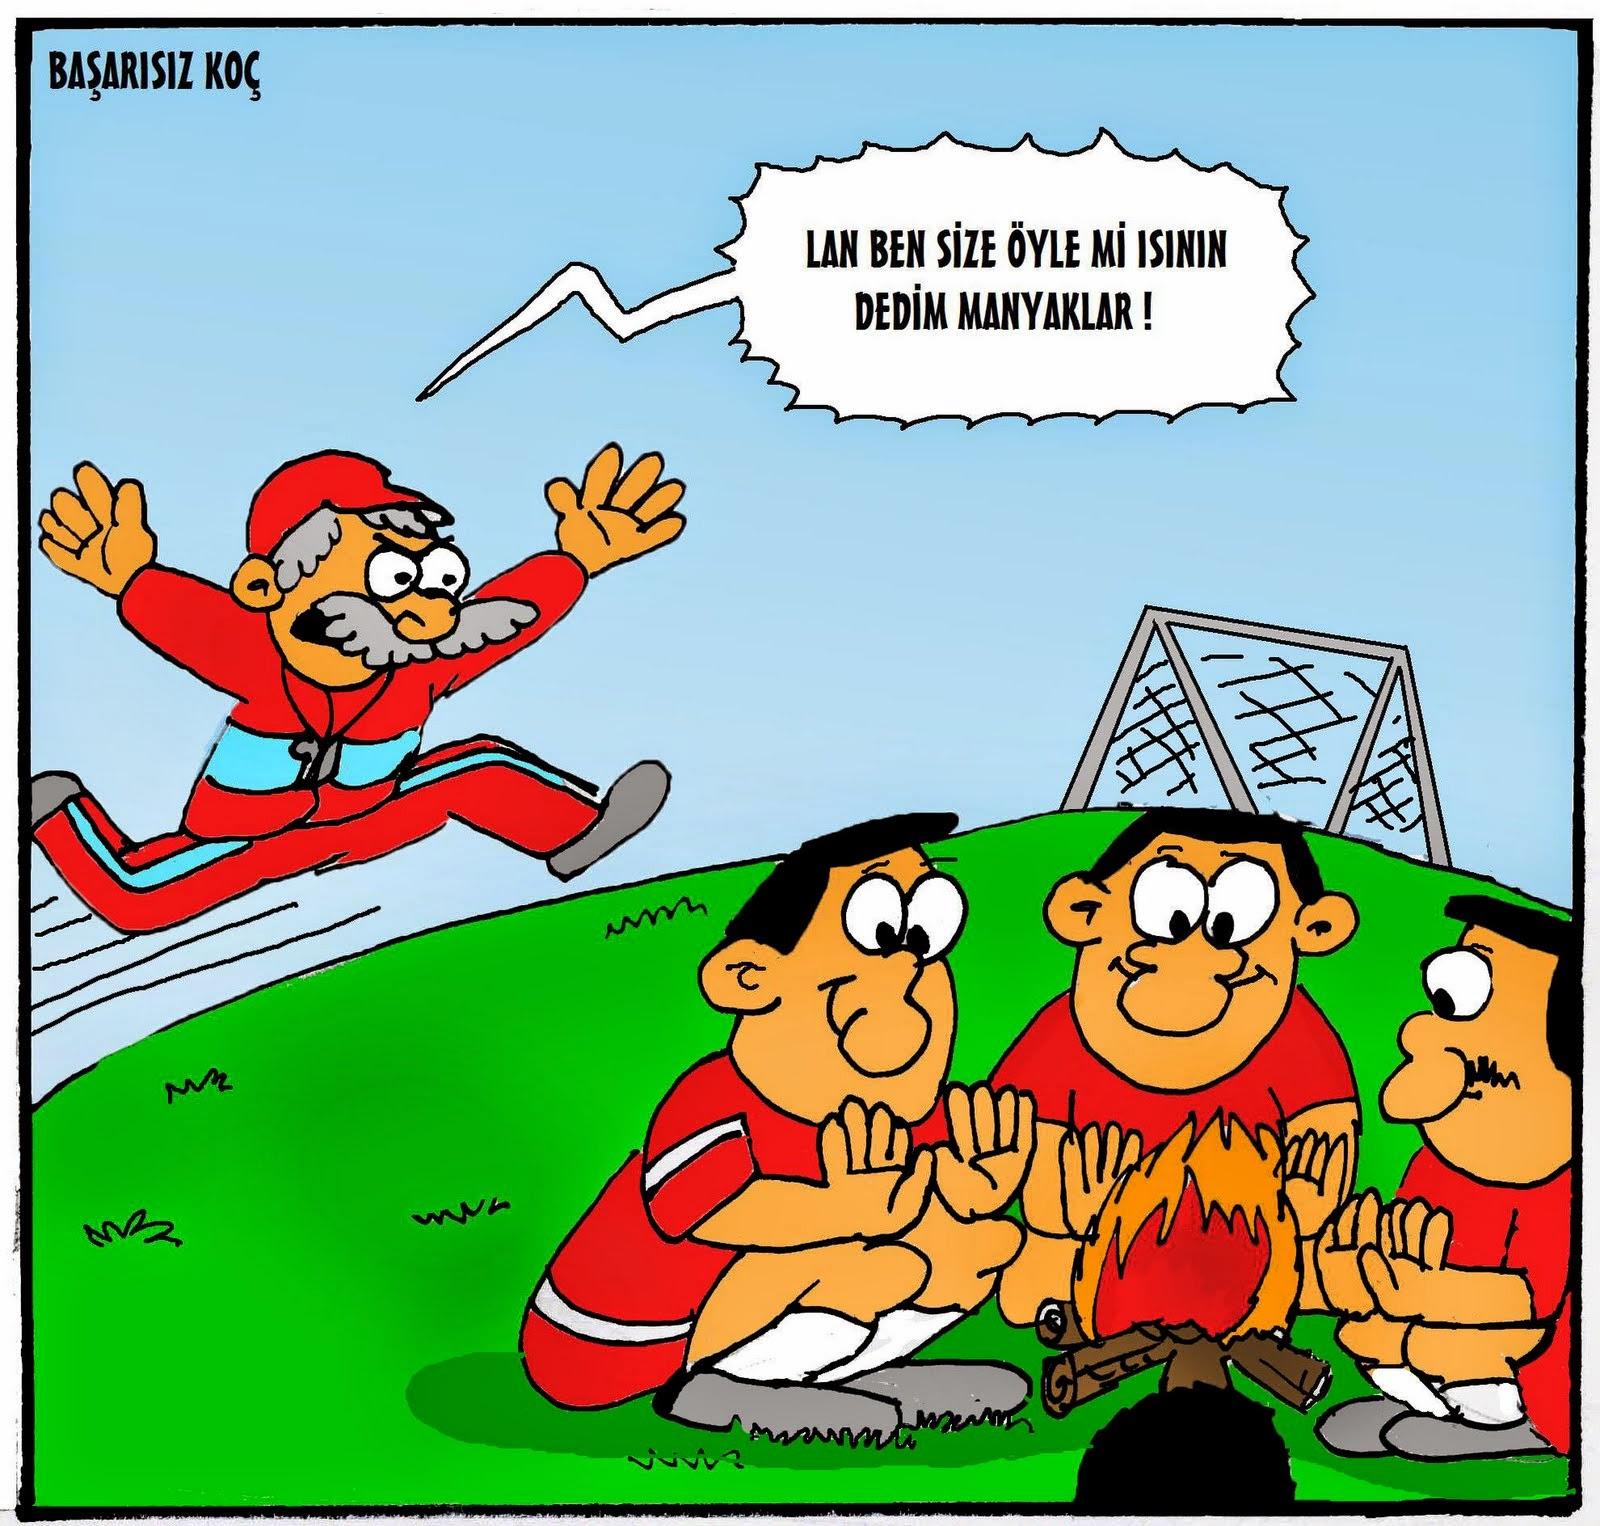 2017 Komik Karikatürler Başarısız Koç